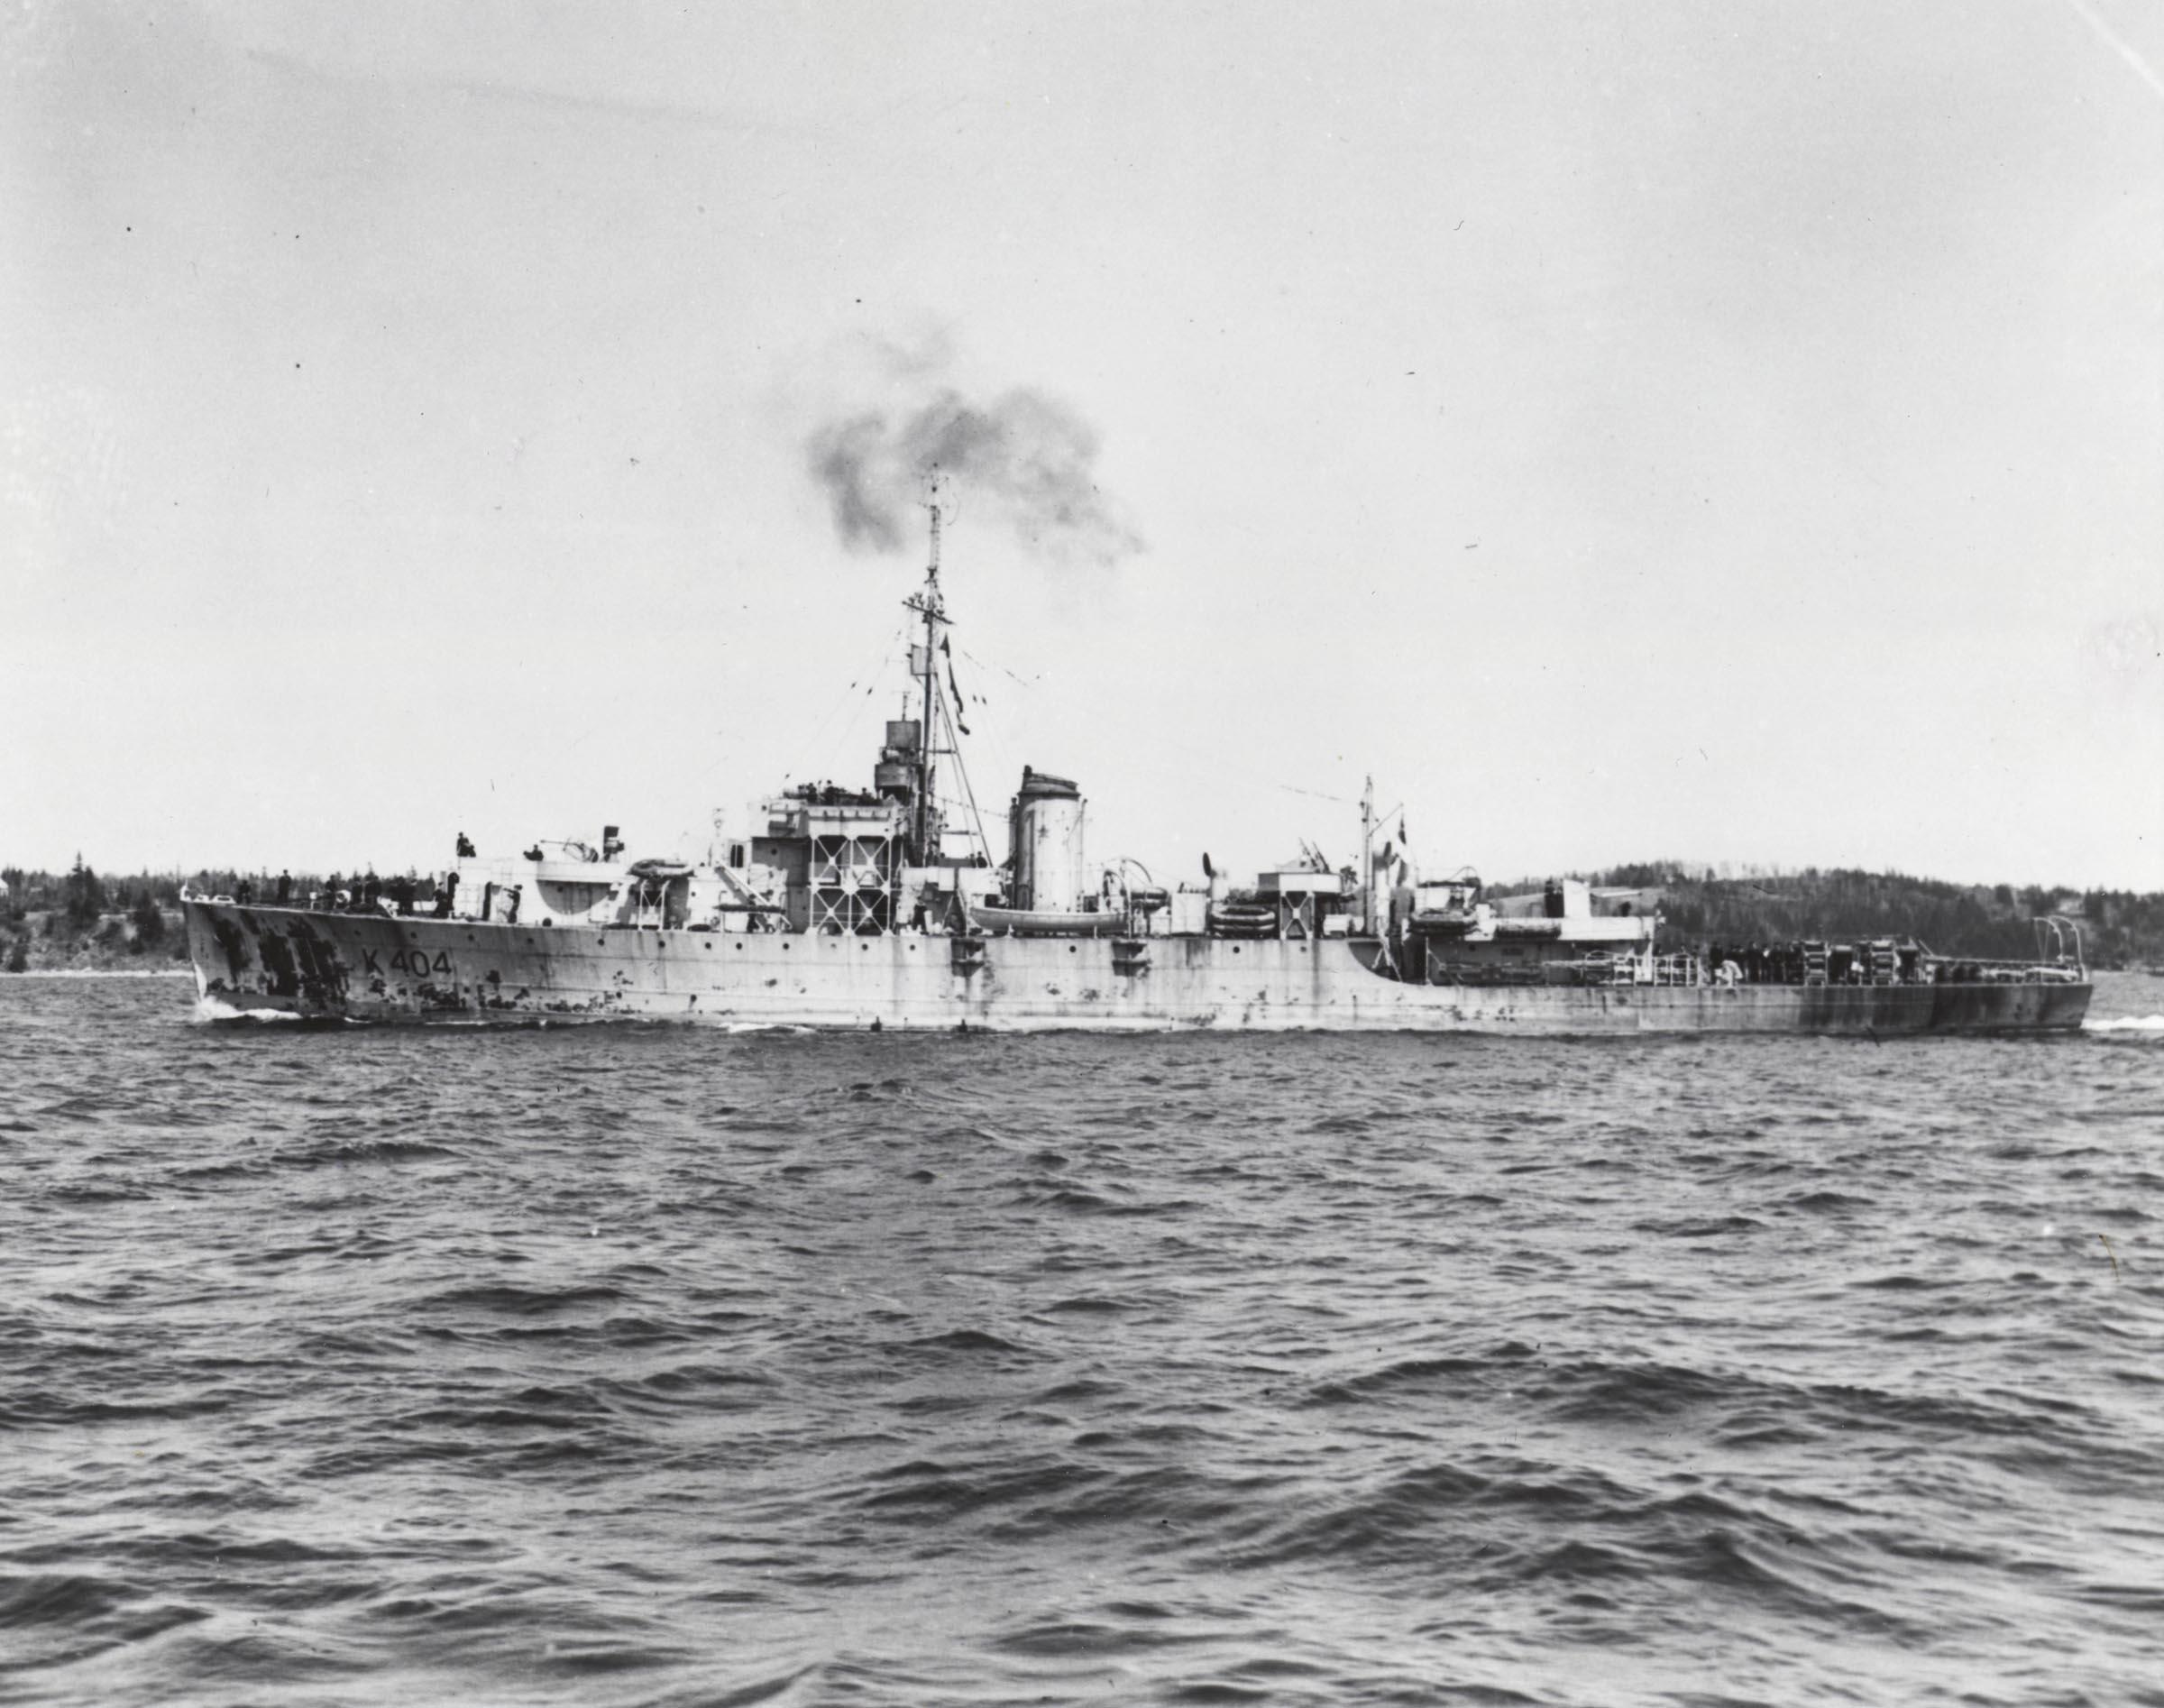 HMCS ANNAN